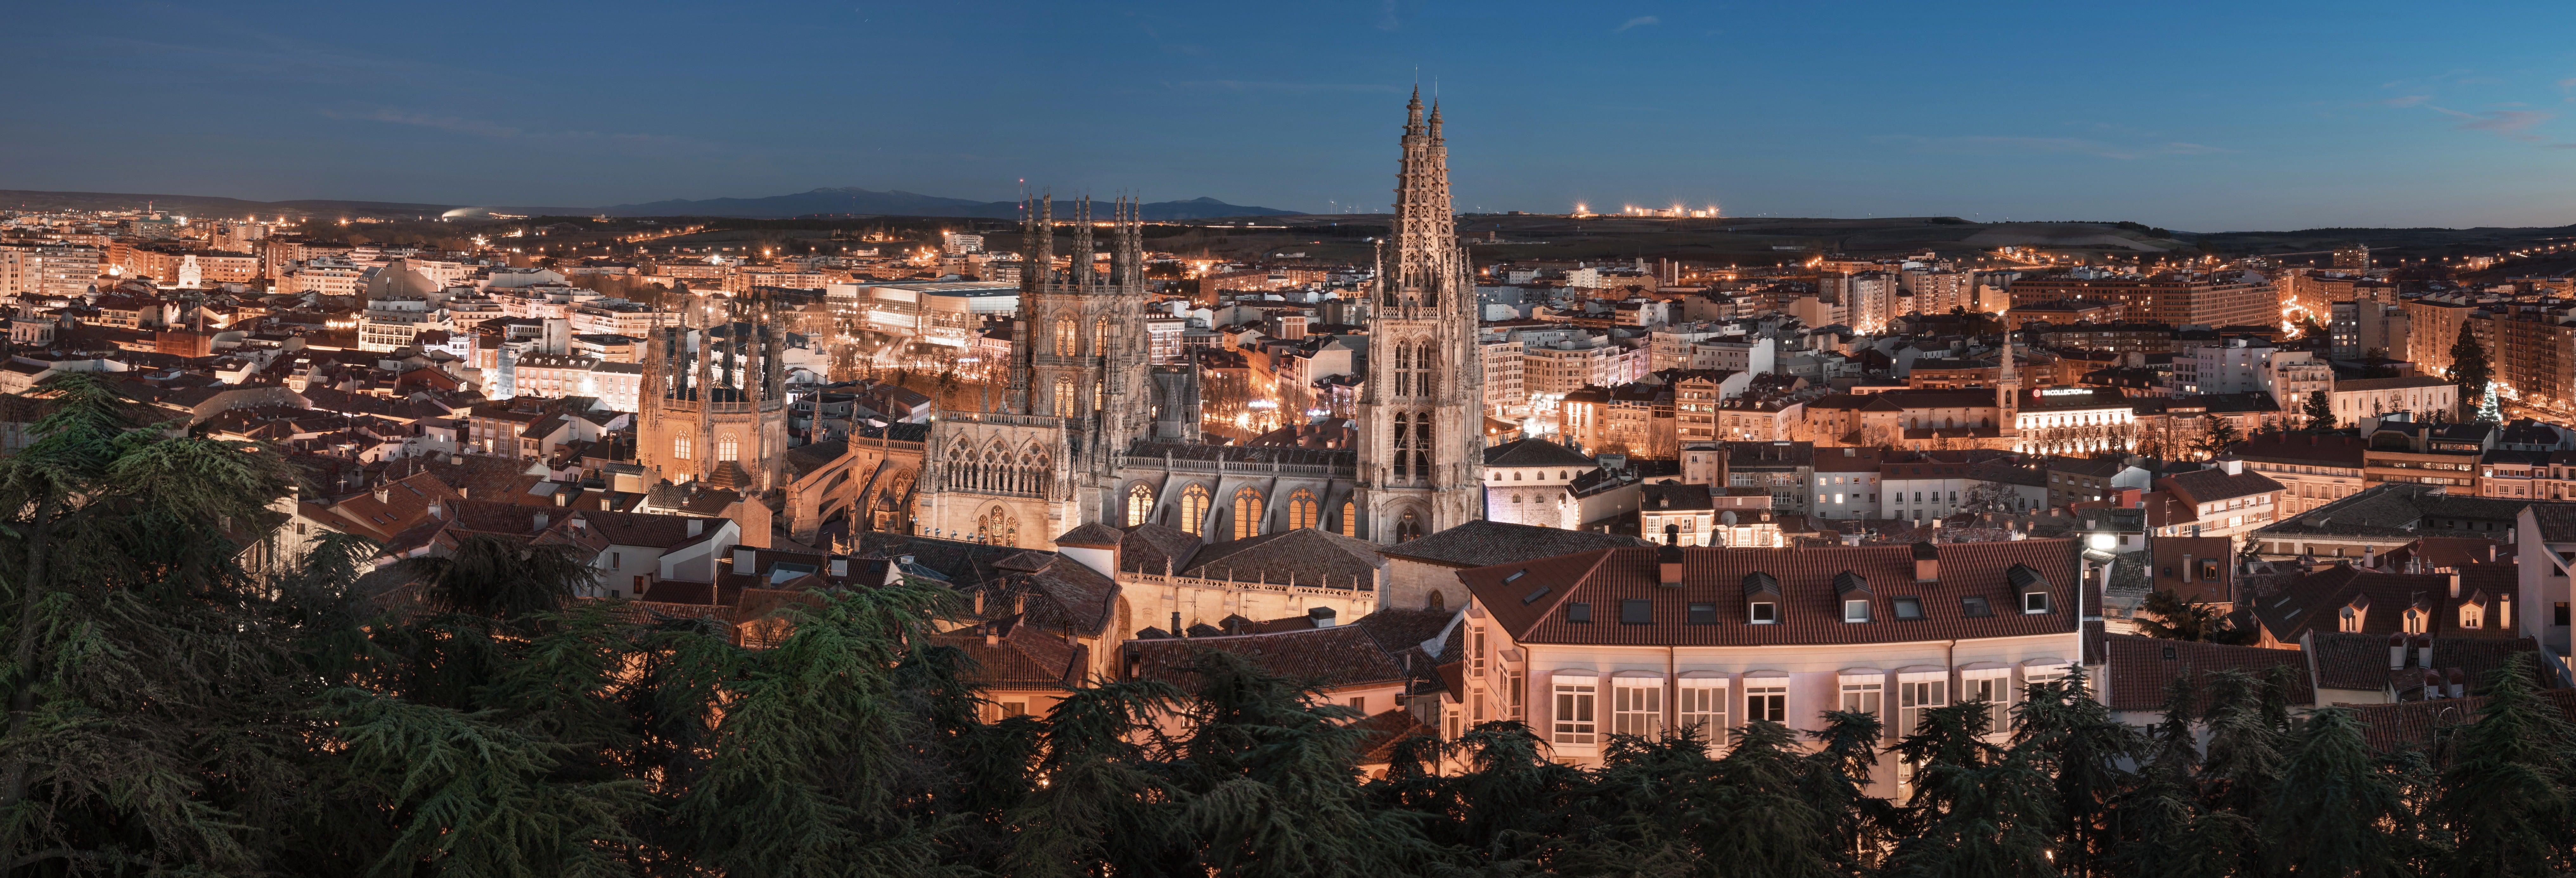 Tour de los misterios y leyendas de Burgos